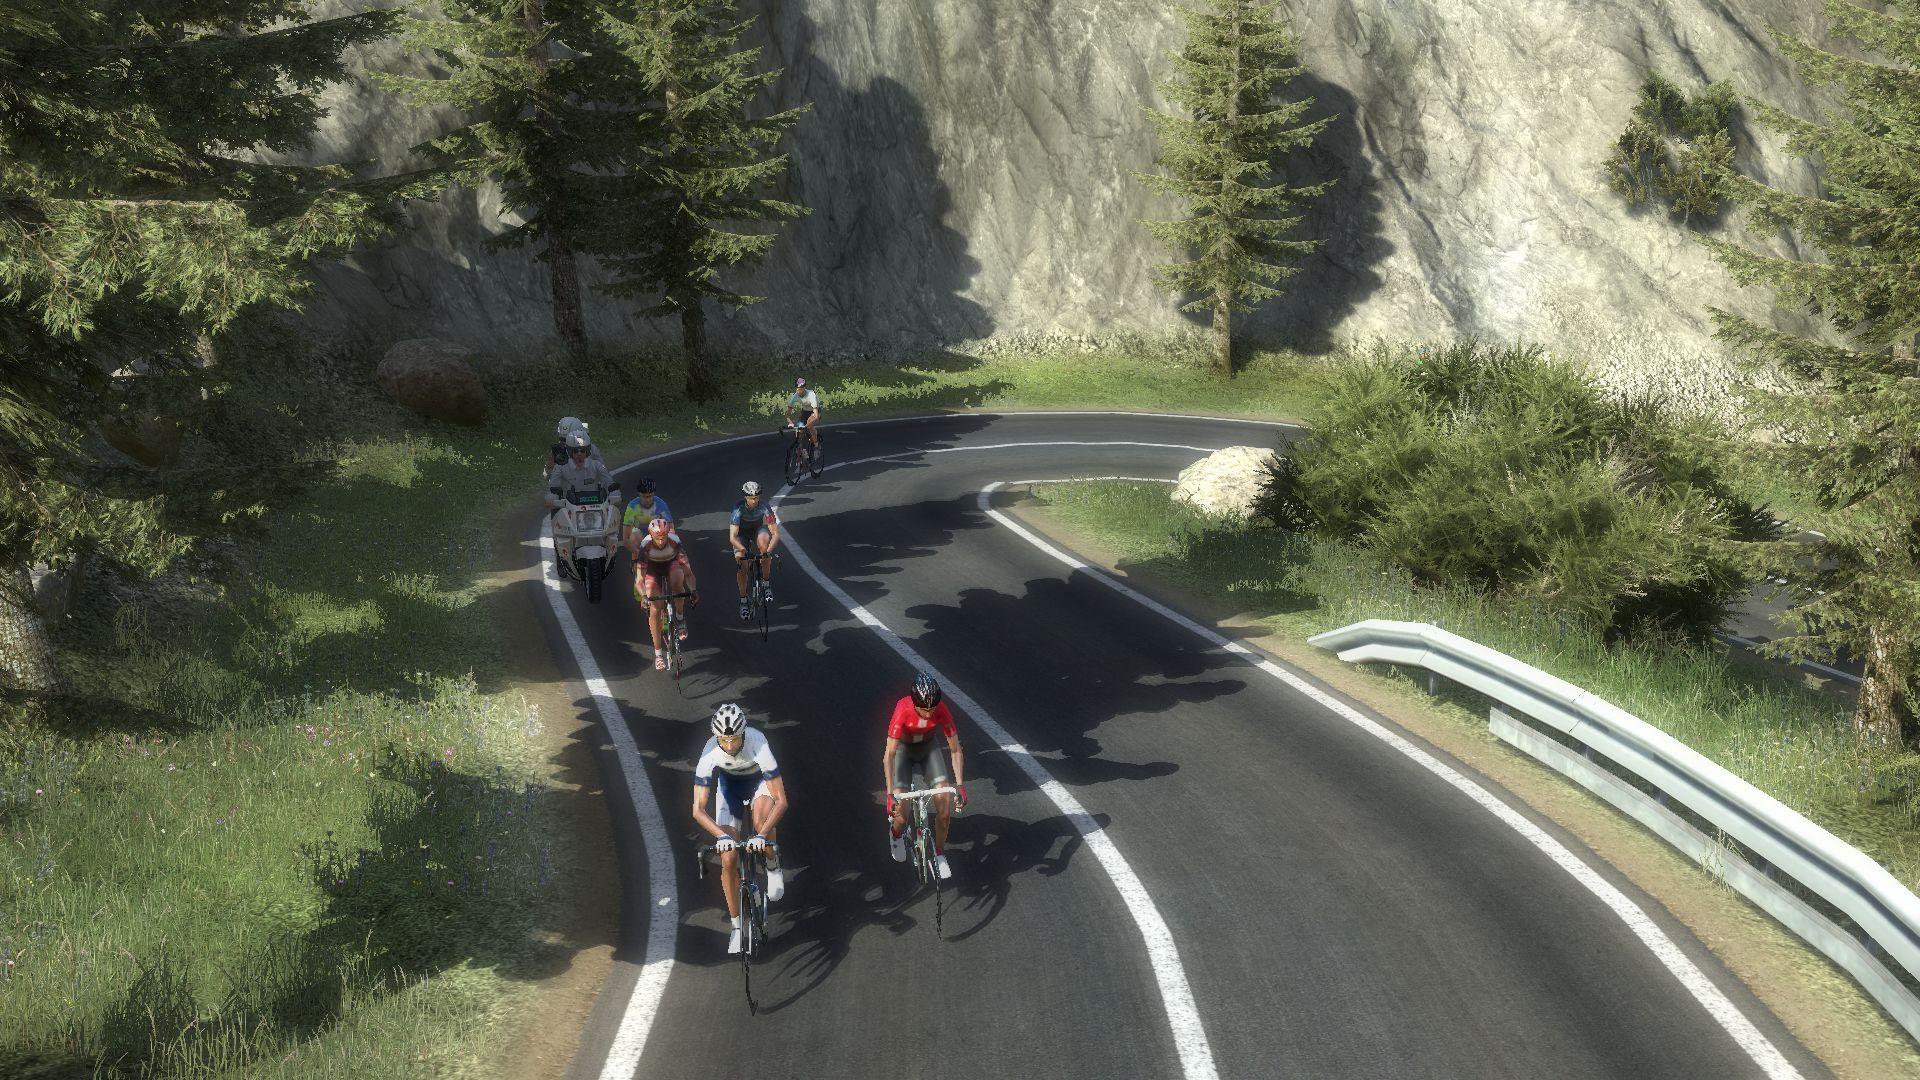 pcmdaily.com/images/mg/2020/Reports/C1/Andorra/TdAS5%2011.jpg